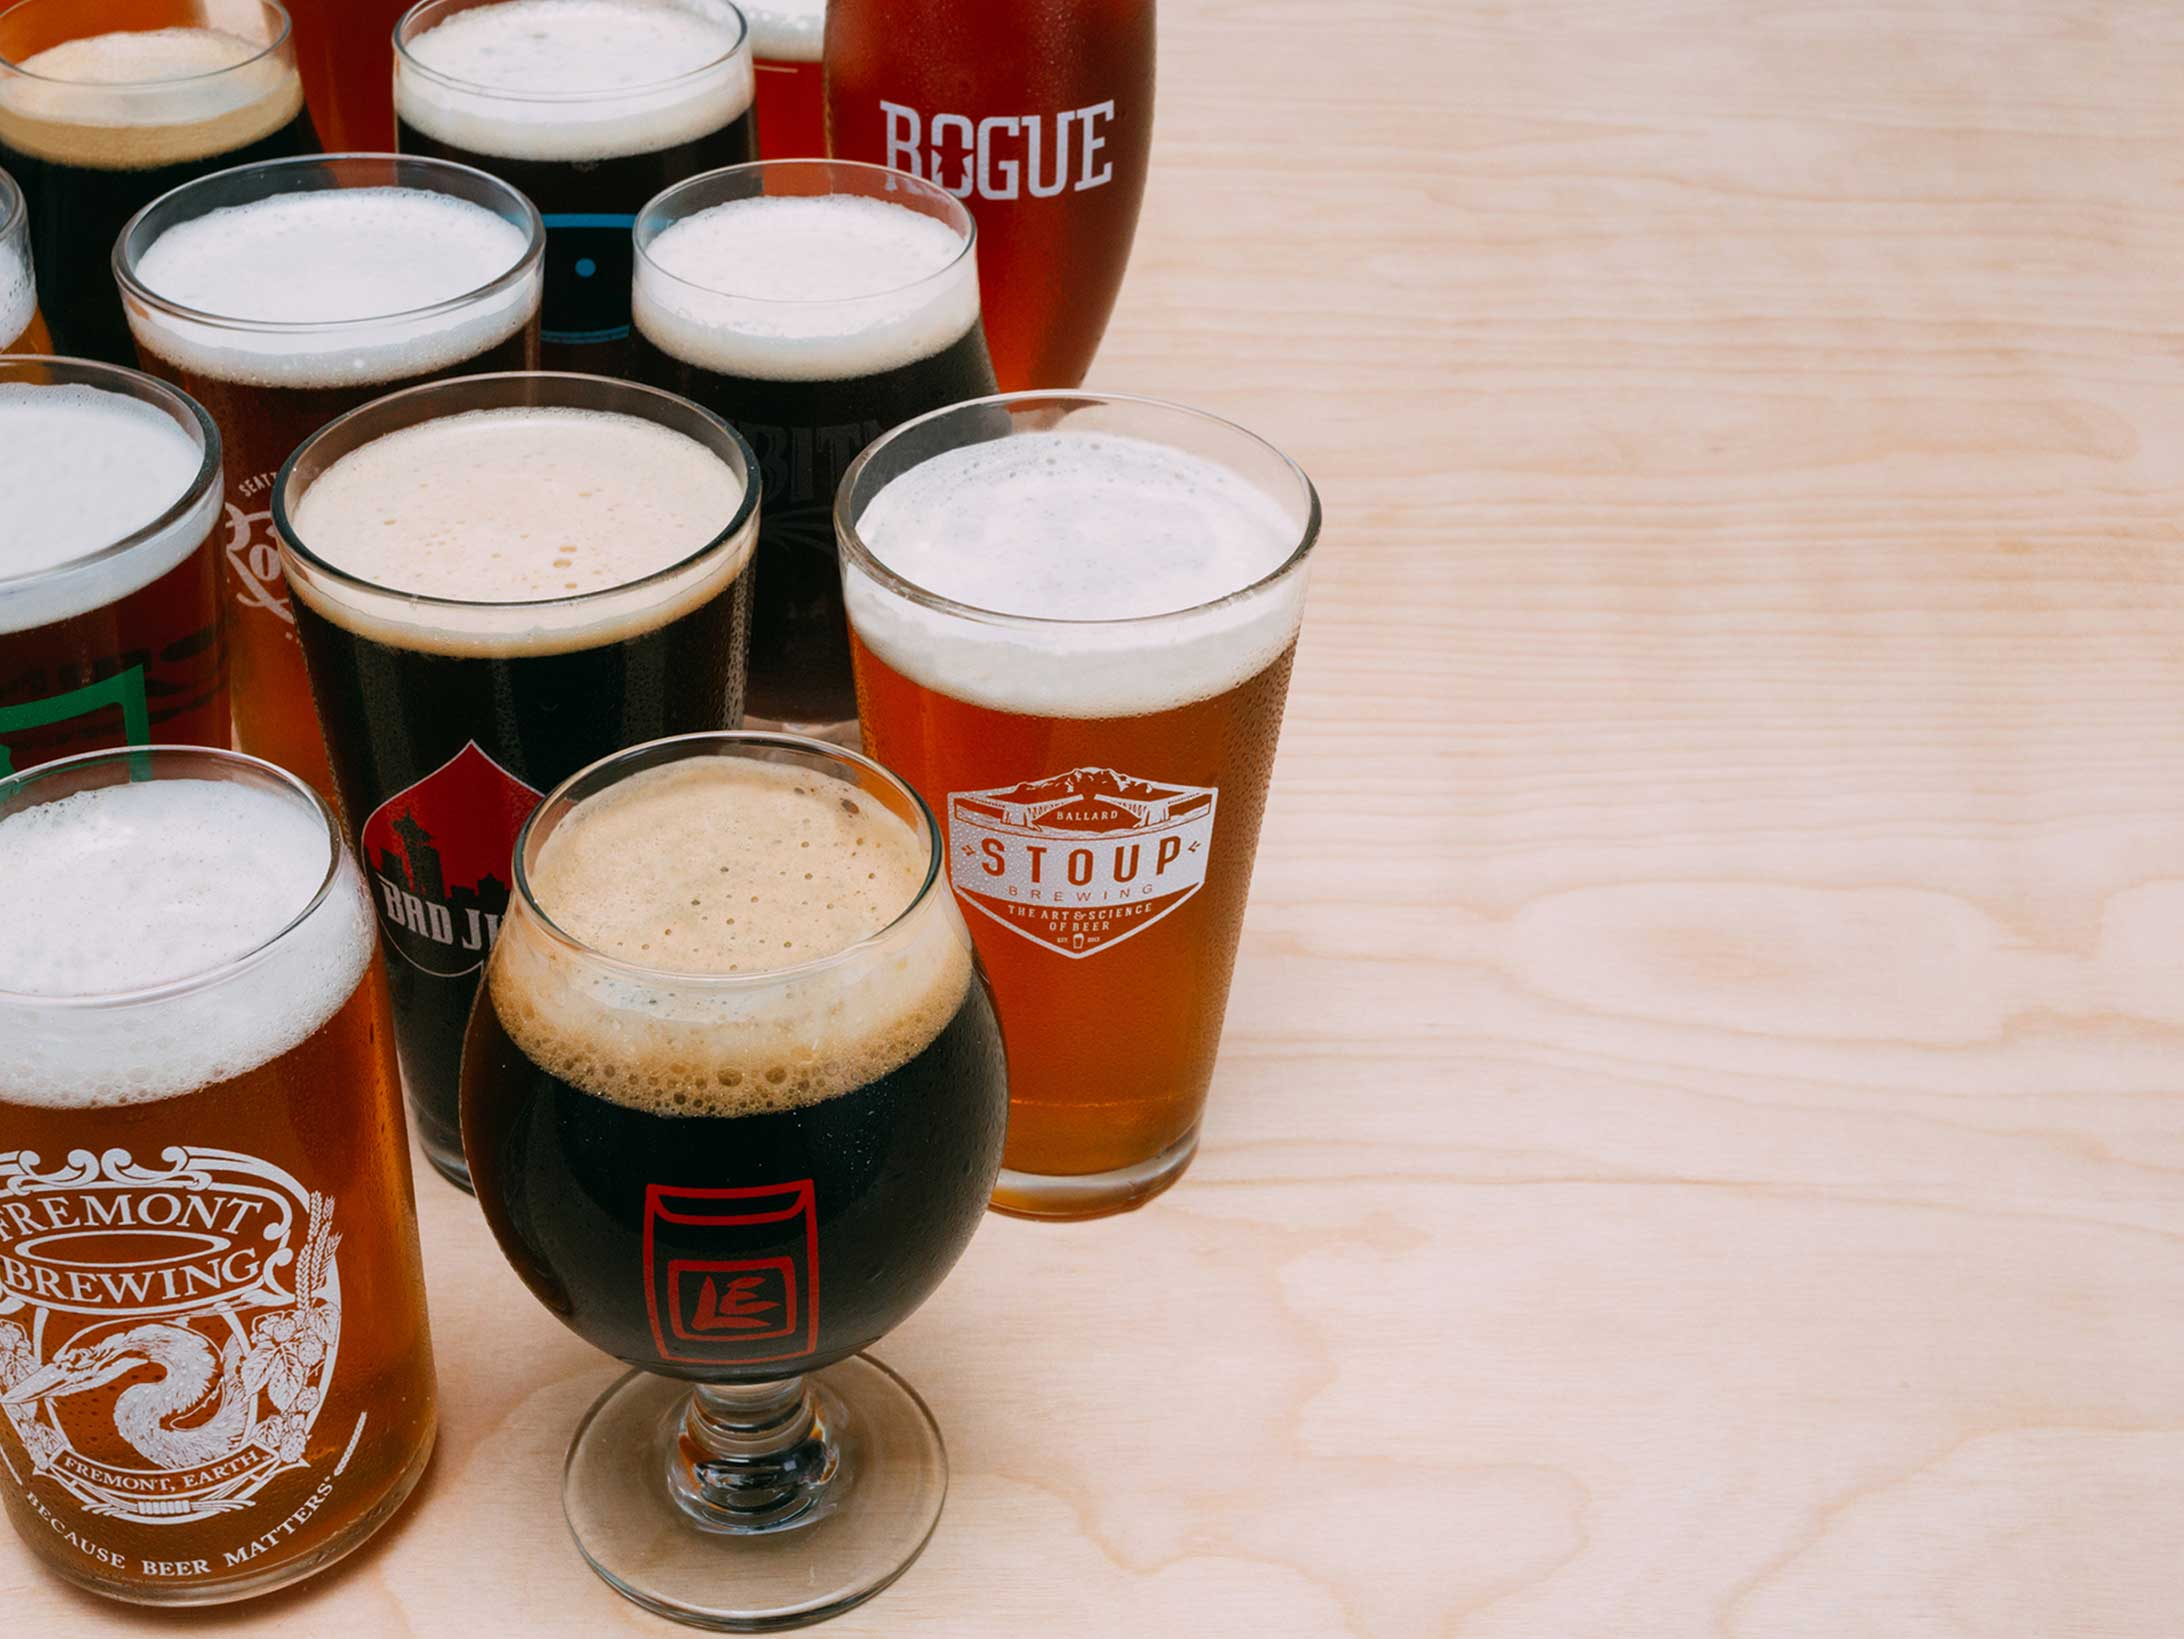 Beer glasses full of beer